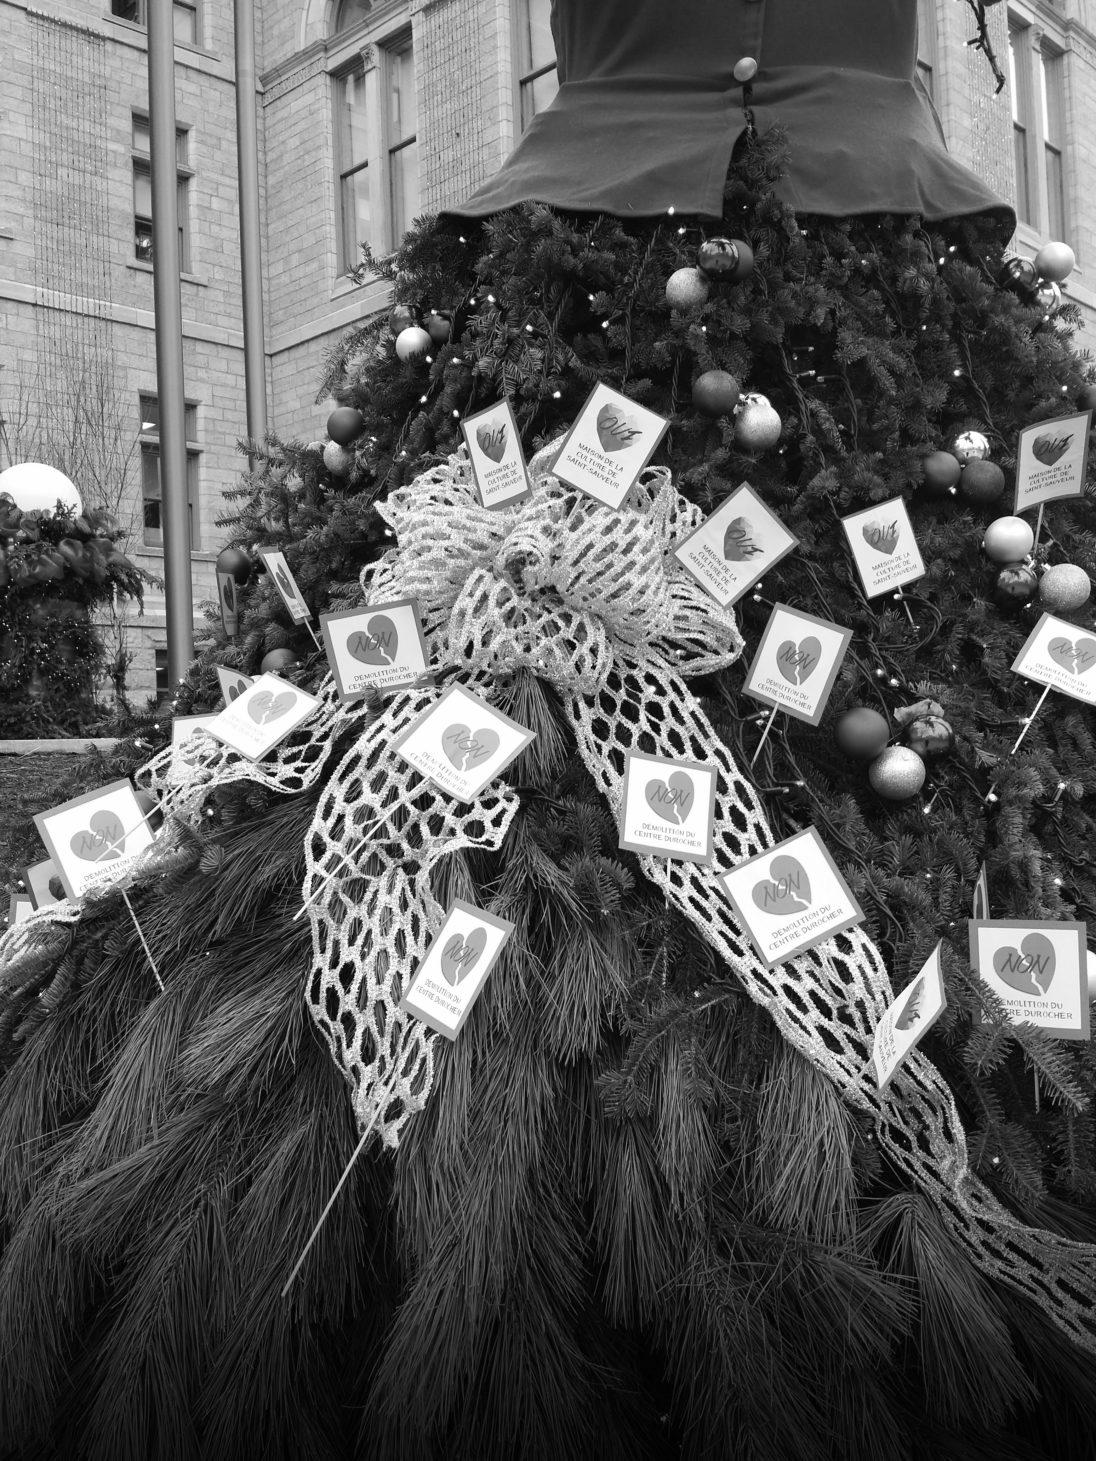 Le 7 décembre, après le conseil municipal, des militantes contre la démolition du Centre Durocher ont décoré le sapin de Noël devant l'Hôtel de ville de cœurs clamant: oui à la maison de la culture et non à la démolition du Centre Durocher.